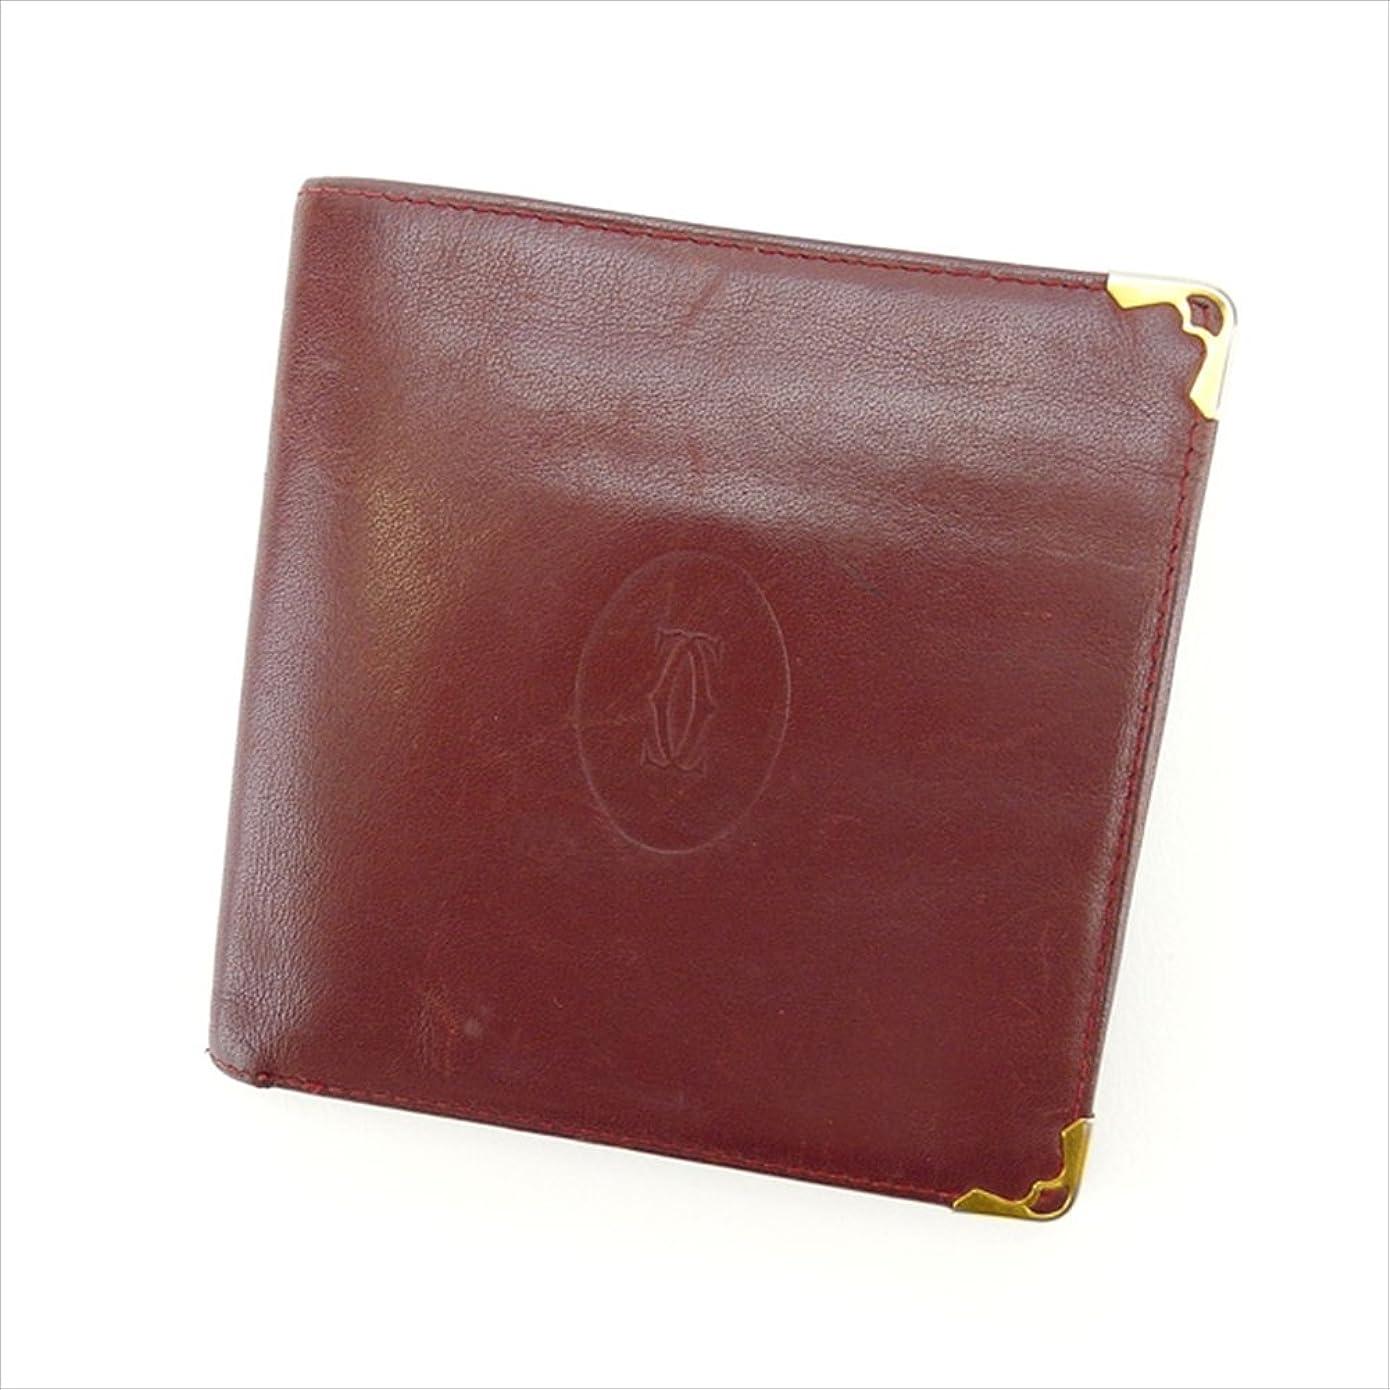 運命的な悪性(カルティエ) Cartier 二つ折り財布 ボルドー マストライン レディース 中古 B782